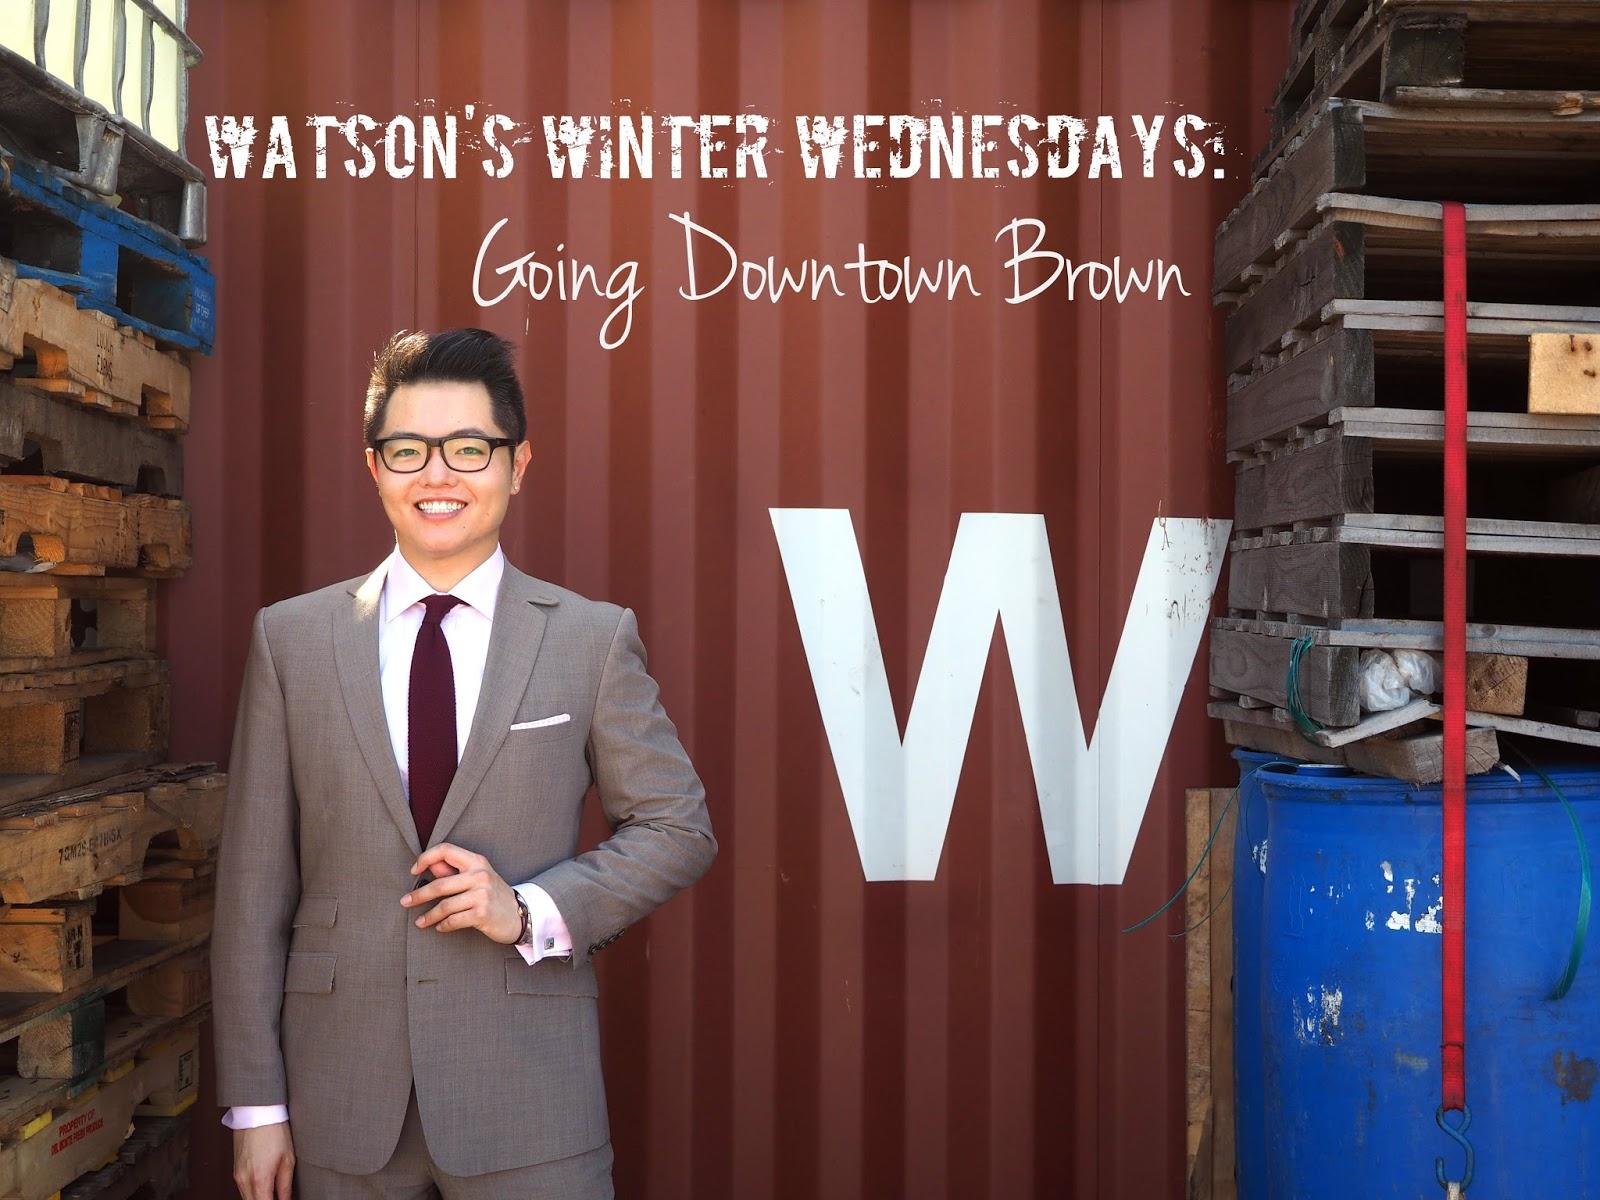 Watsons Winter Wednesday Brown Suit tie shirt professional work clothes men gentlemen